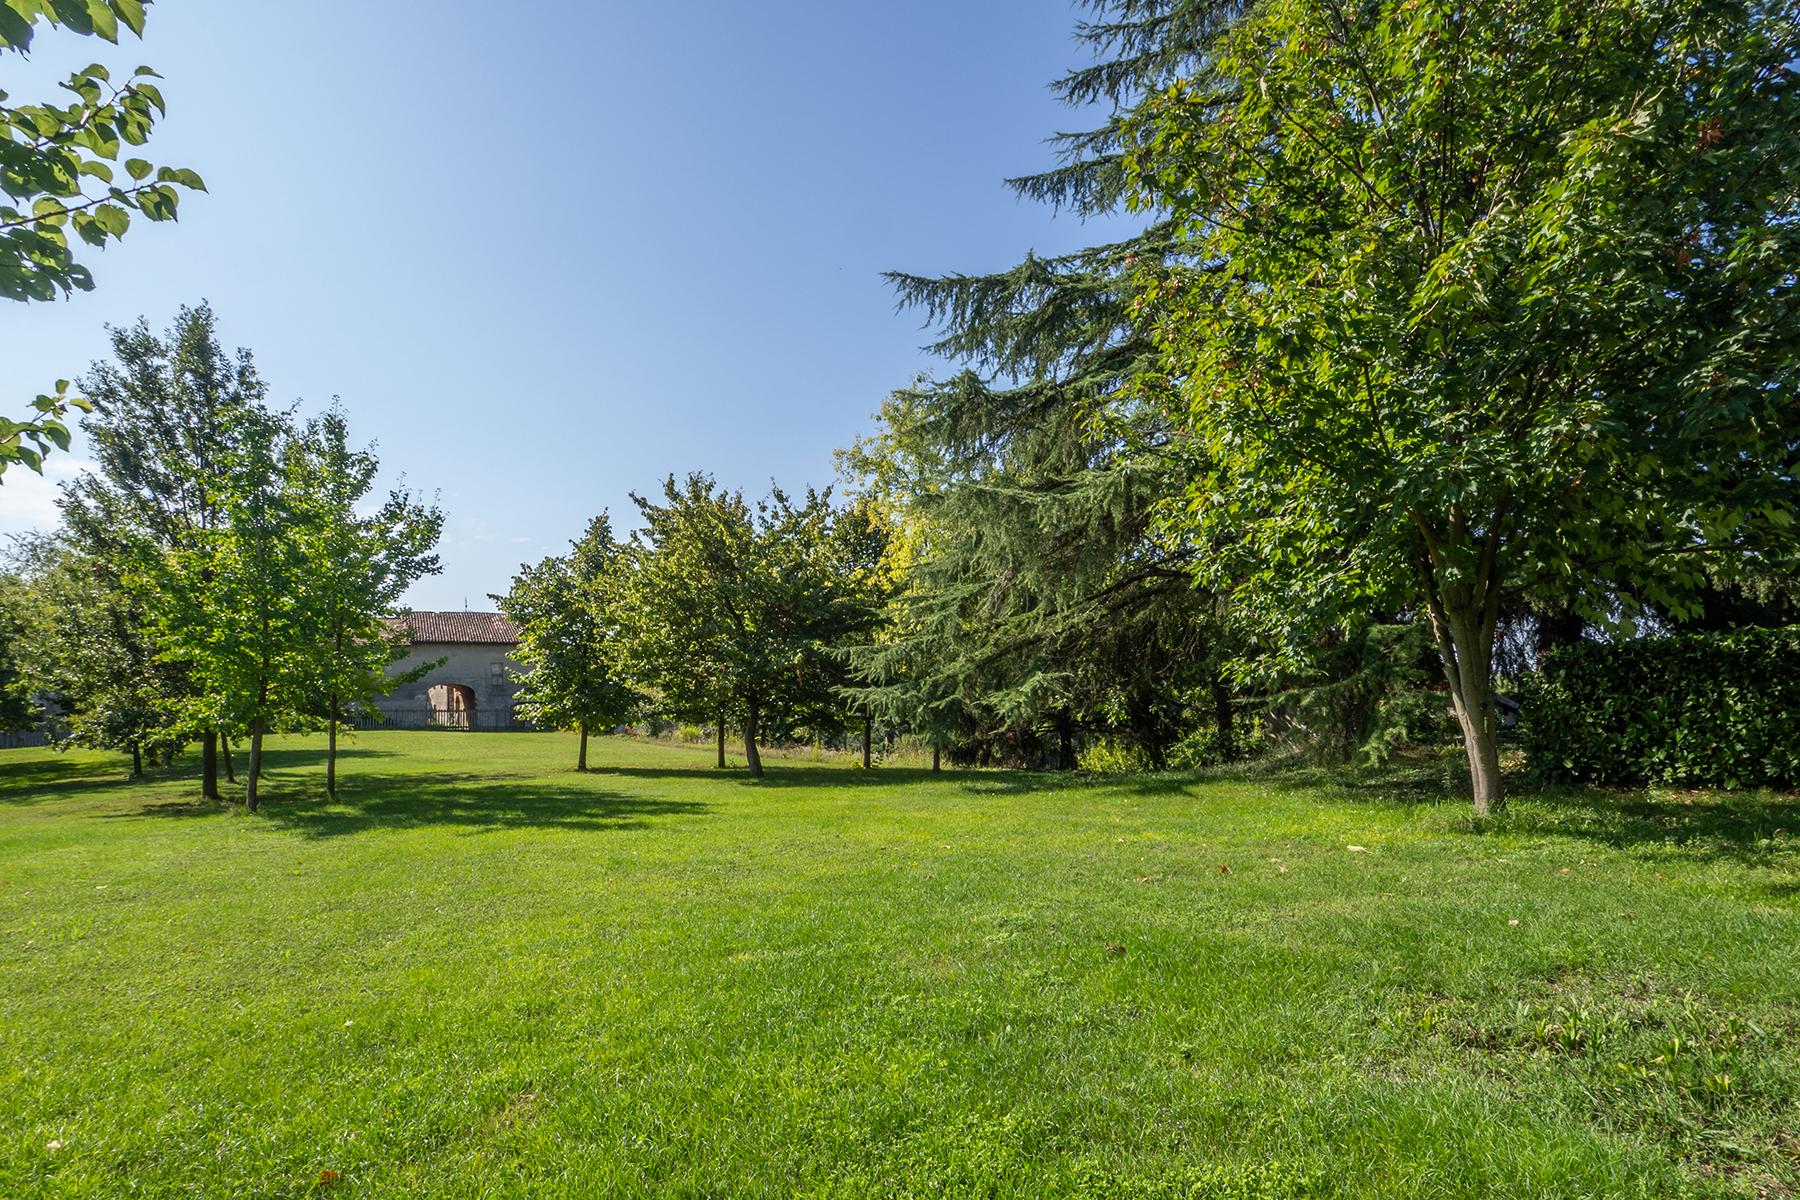 Rustico in Vendita a Sala Monferrato: 5 locali, 1000 mq - Foto 30